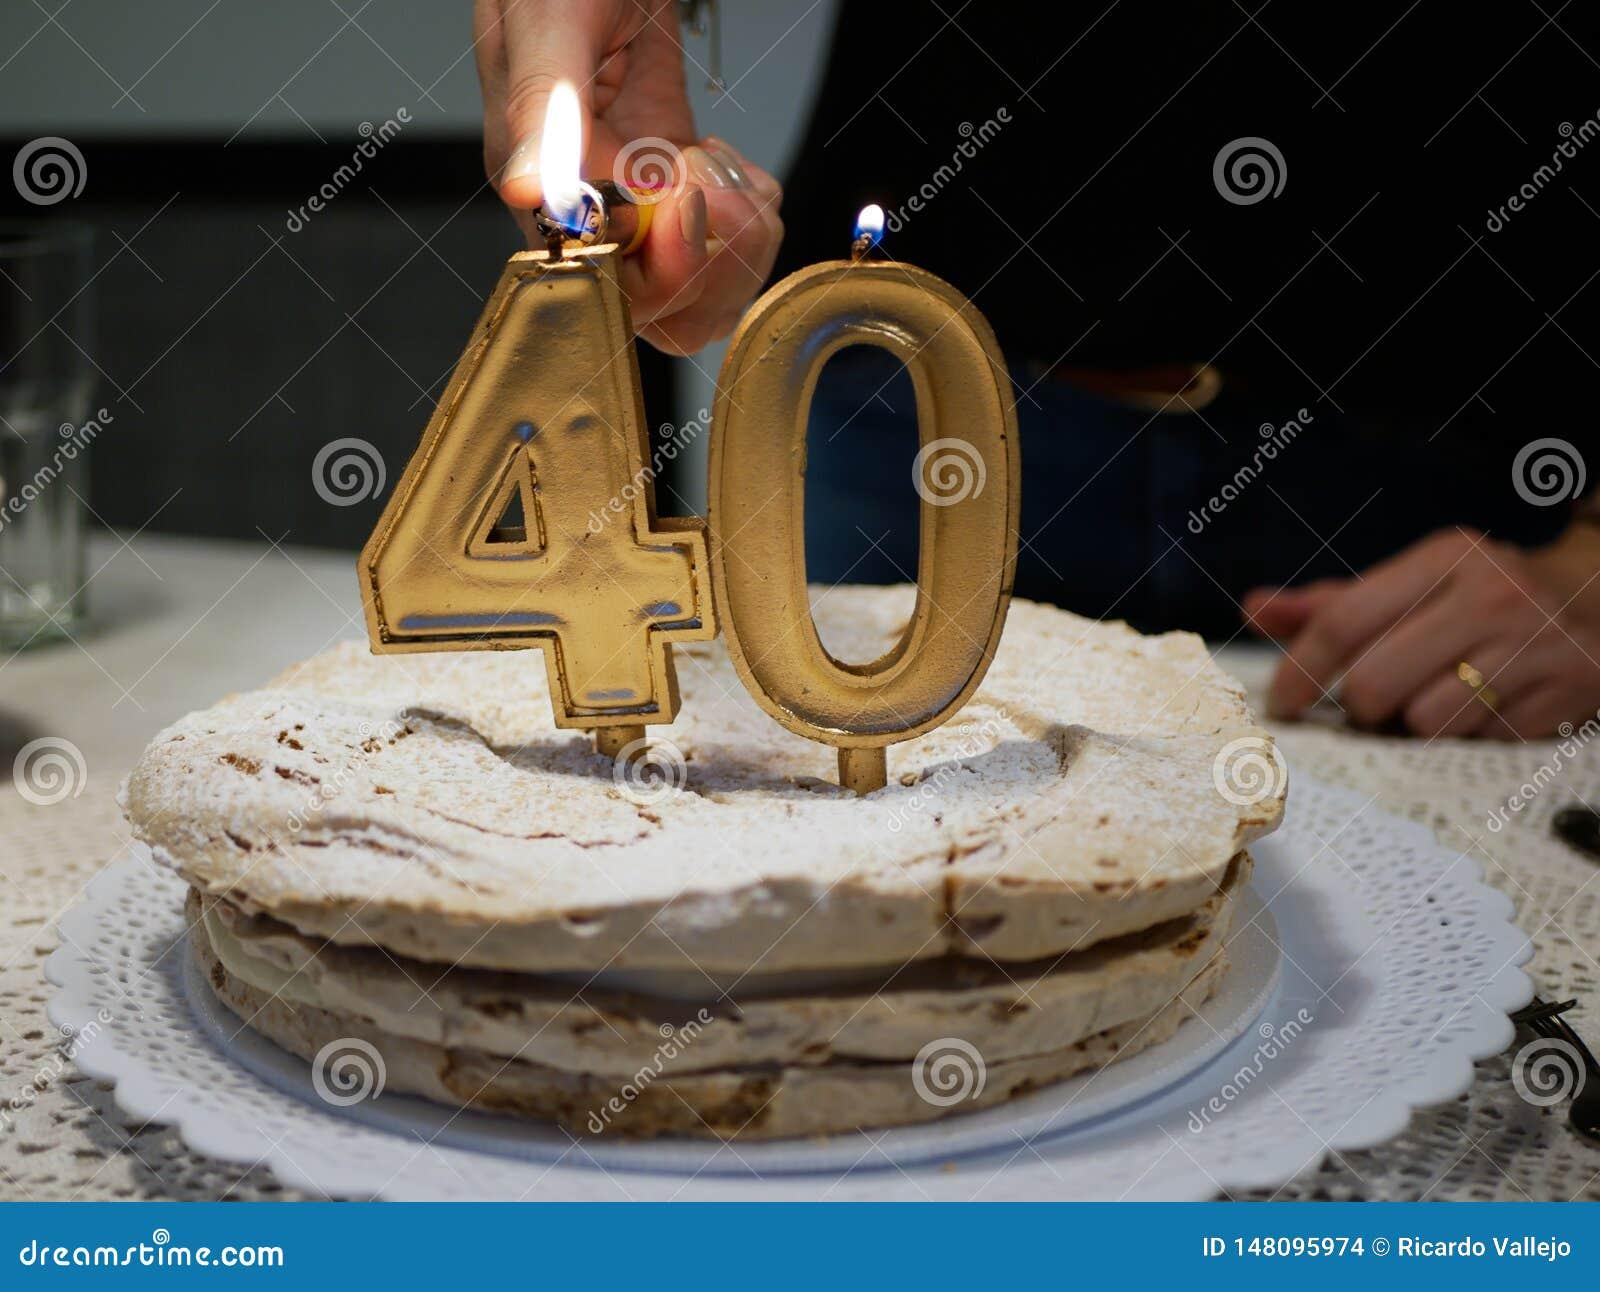 Χέρια μιας γυναίκας που ανάβει τα χρυσά κεριά τέσσερα και μηδέν ενός εορτασμού κέικ γενεθλίων 40ου